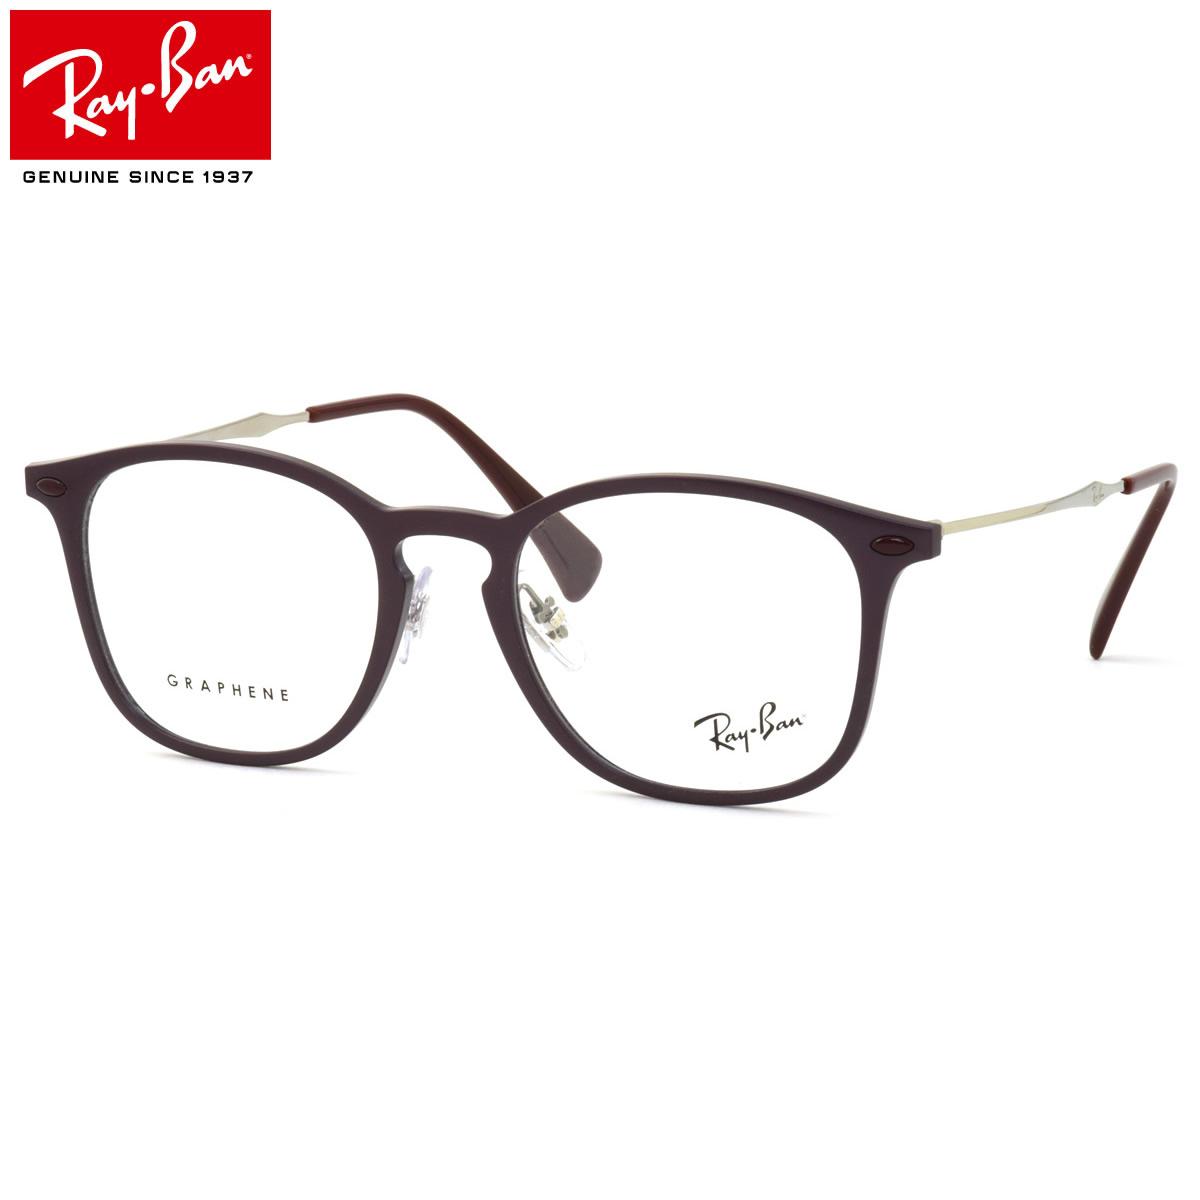 レイバン メガネ フレーム Ray-Ban RX8954 8031 48サイズ グラフェン GRAPHENE 軽量 丈夫 トレンド レイバン RAYBAN メンズ レディース